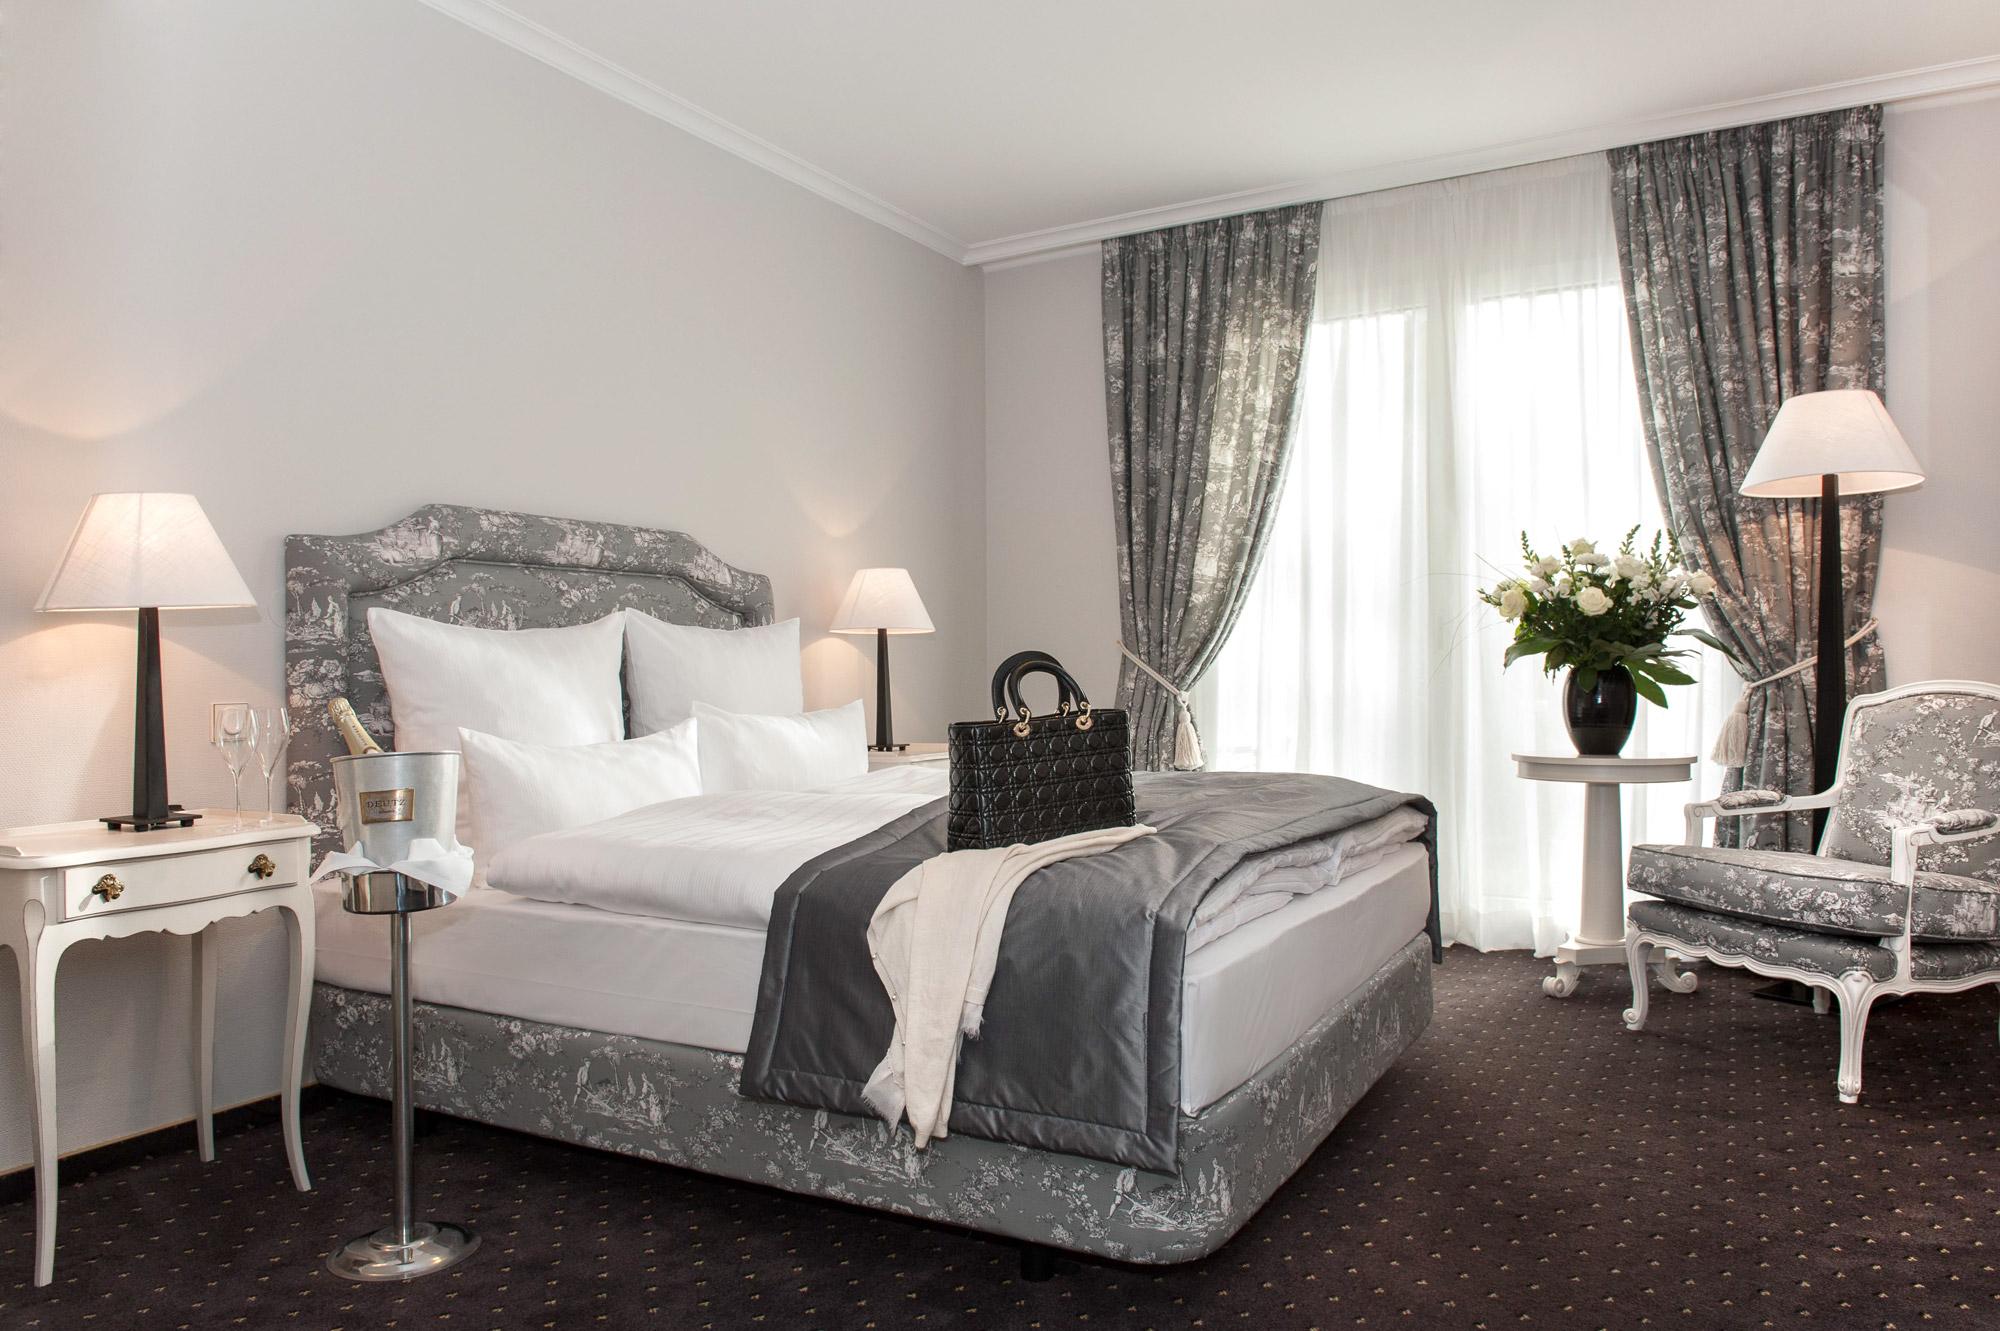 Hotelzimmer DFG Saarbruecken